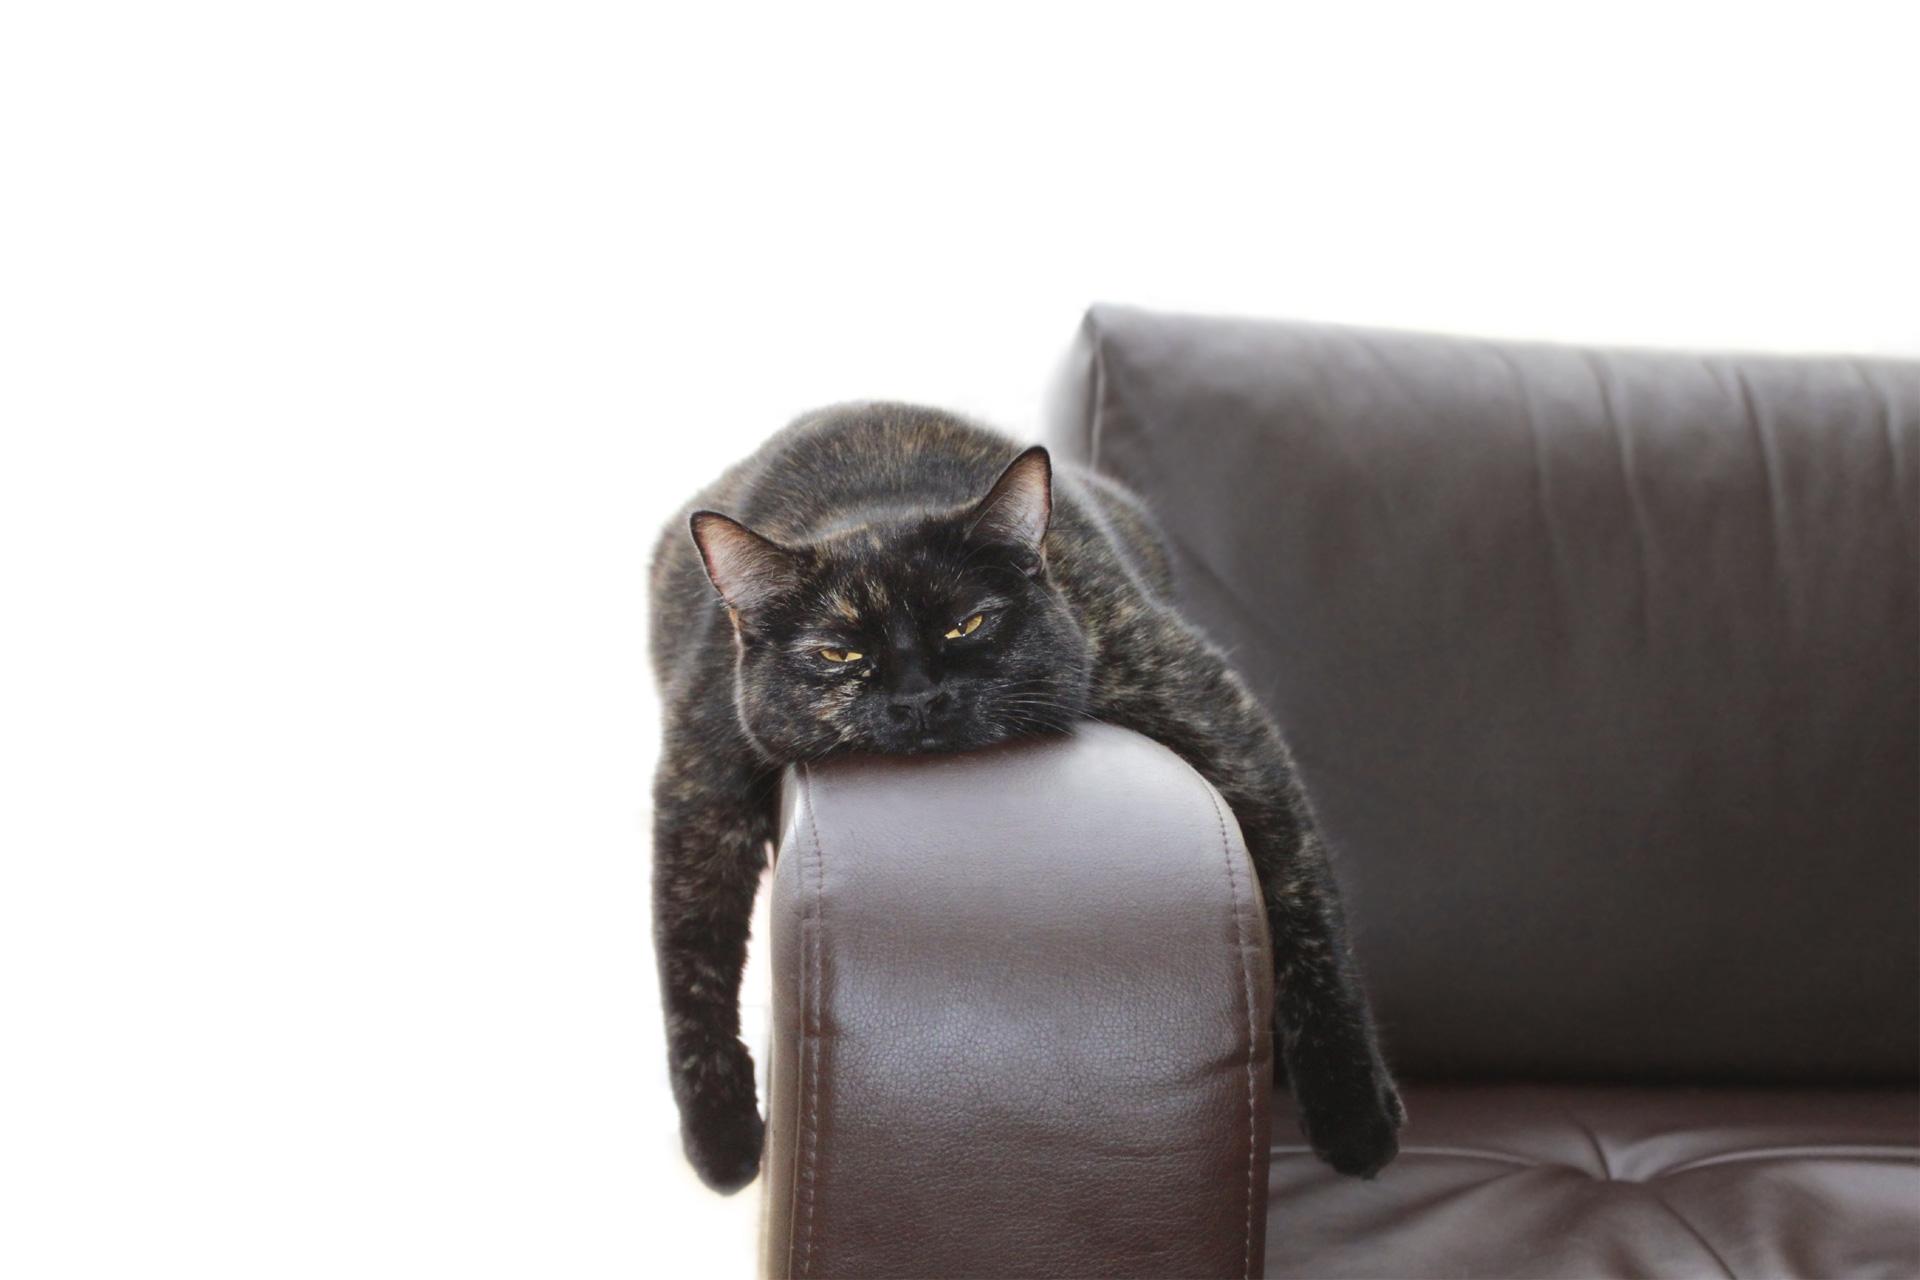 Sigue estos consejos para que logres que tu felino se sienta cómodo con su caja de arena y haga sus necesidades feliz